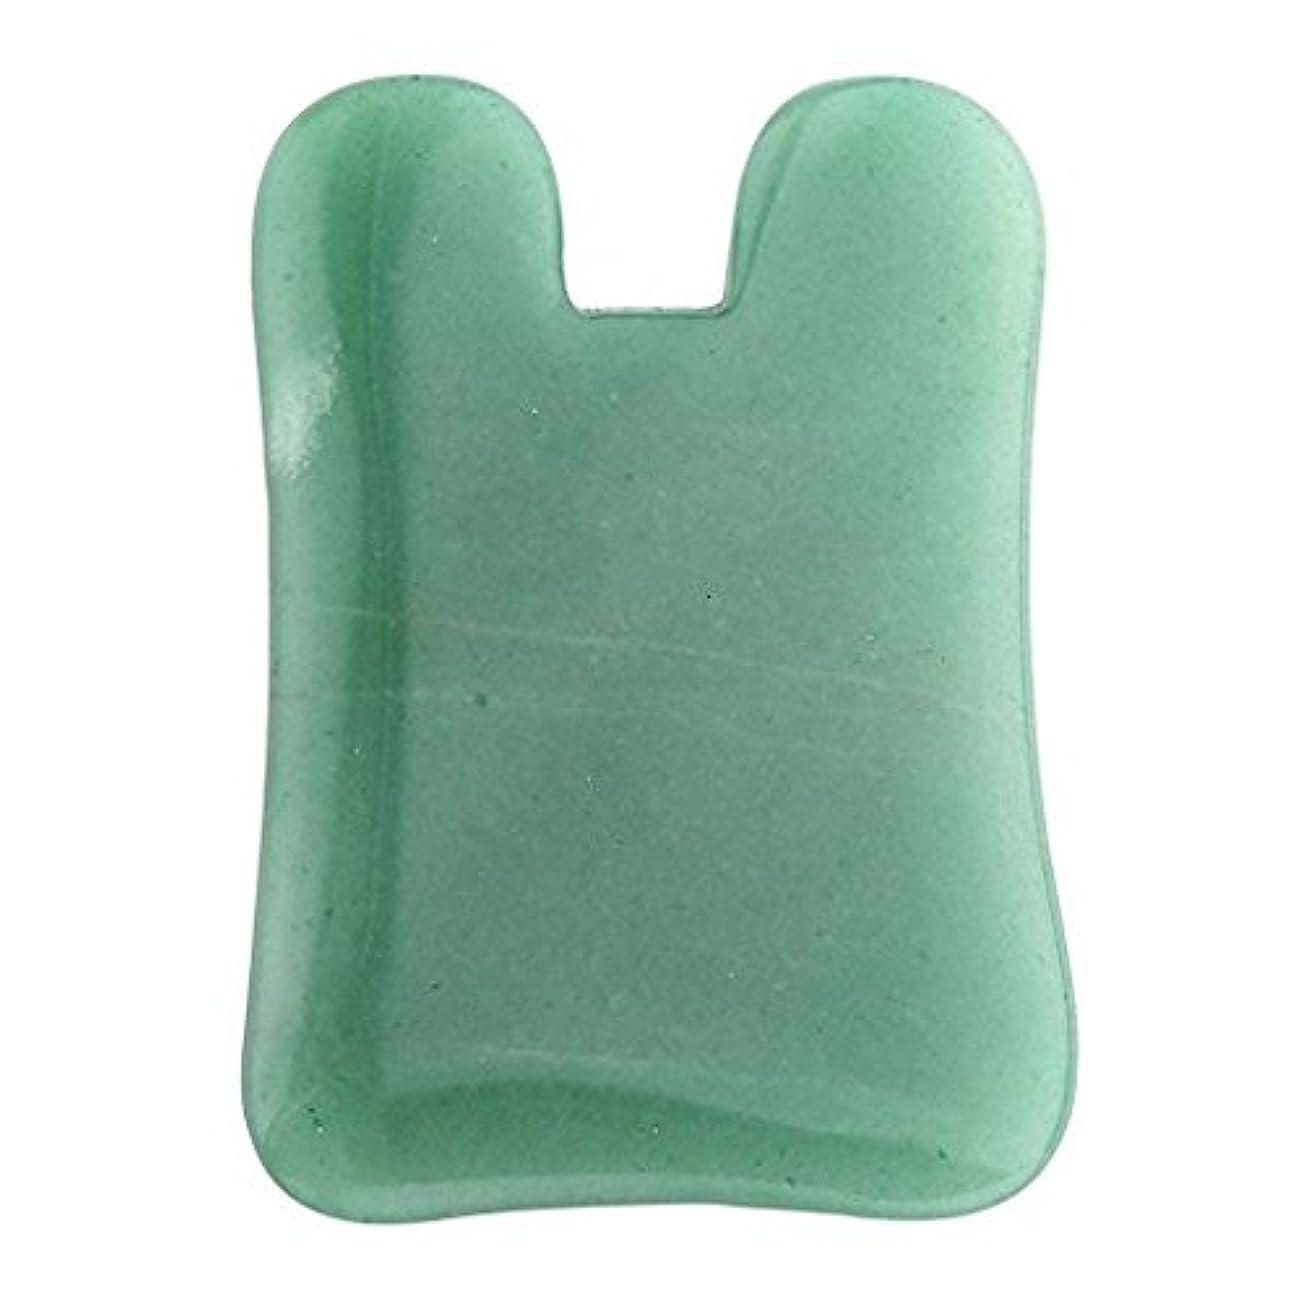 ポスター飢えで1pc Face/Body Massage Jade Adventurine Natual stone Gua Sha acupress toolジェイドかっさプレート 翡翠かっさ,顔?ボディのリンパマッサージ (U shape)